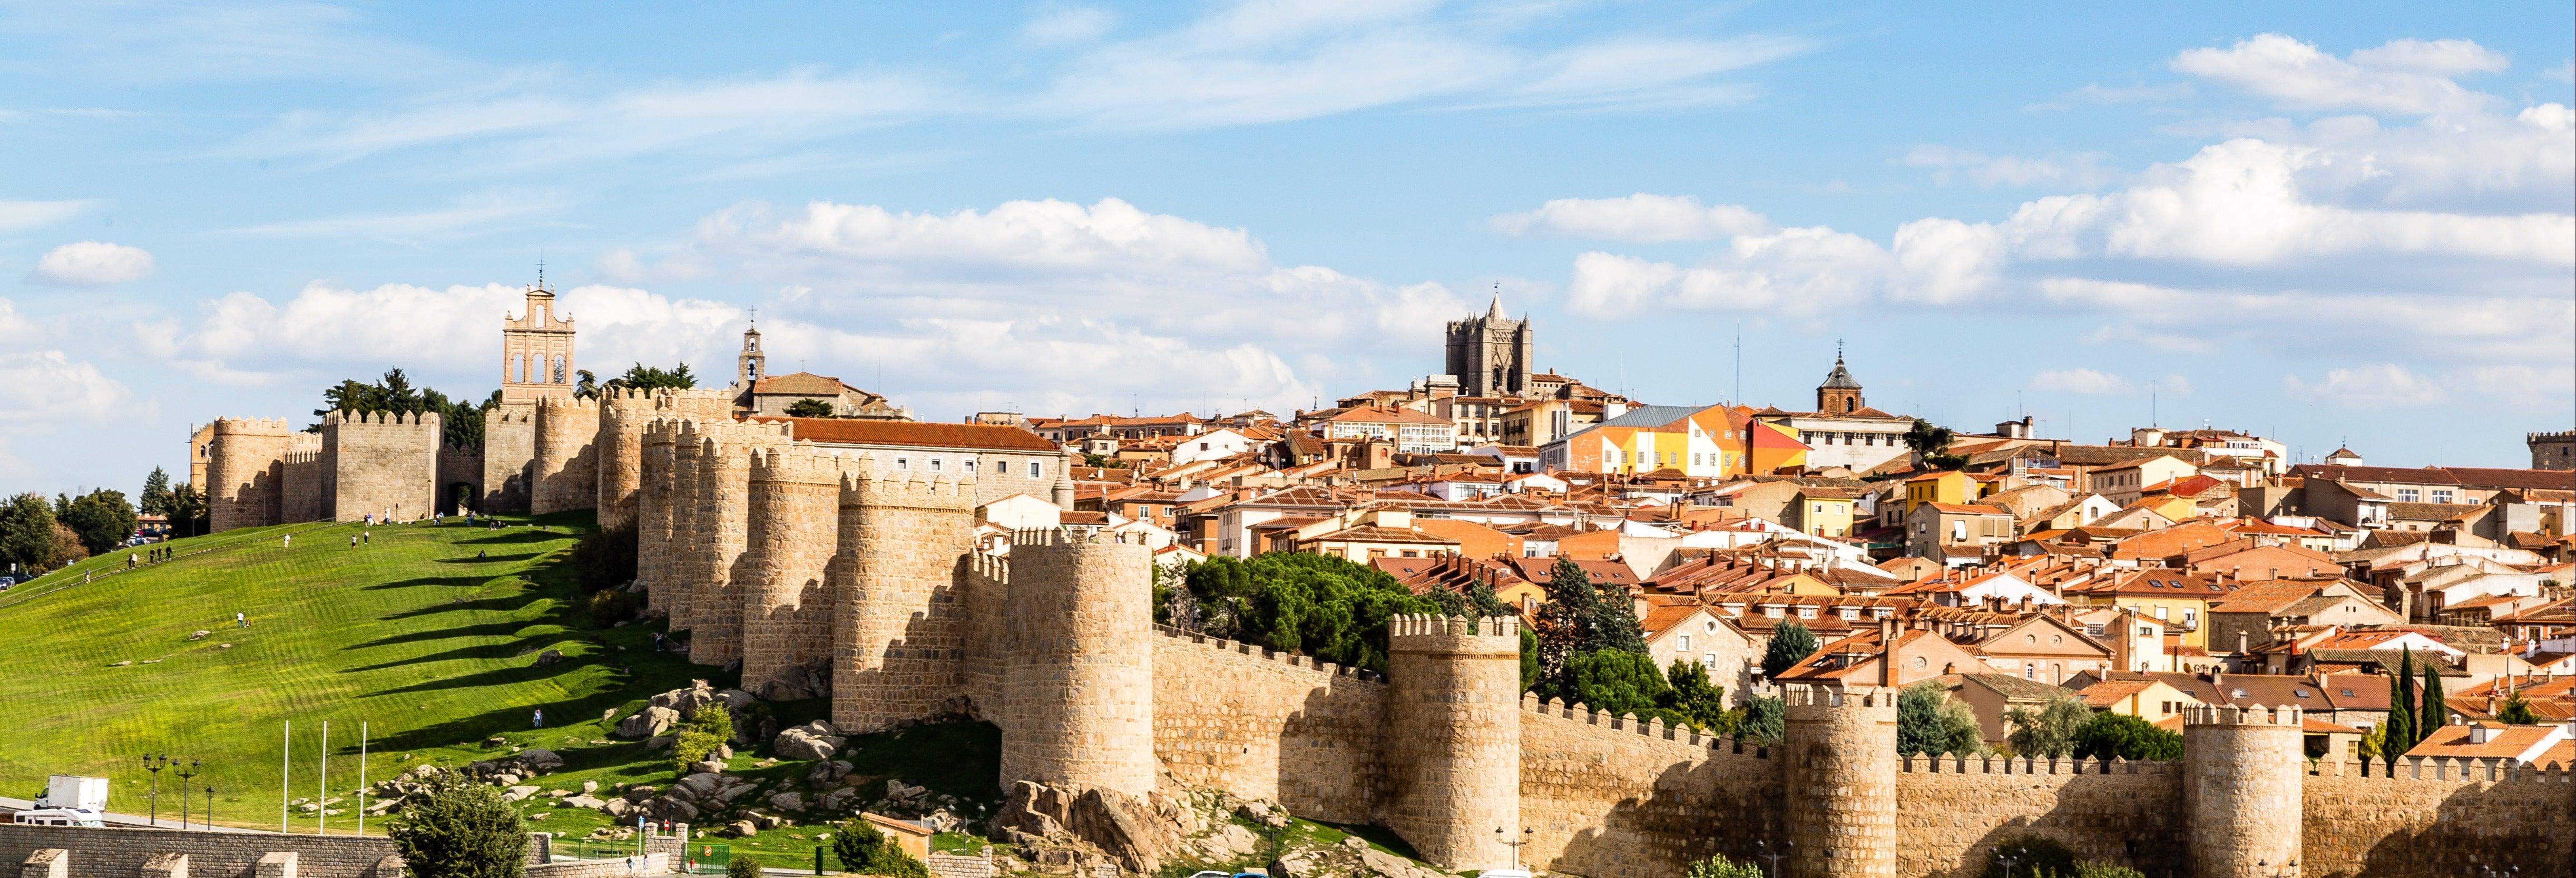 Escursione ad Avila, Segovia e El Escorial